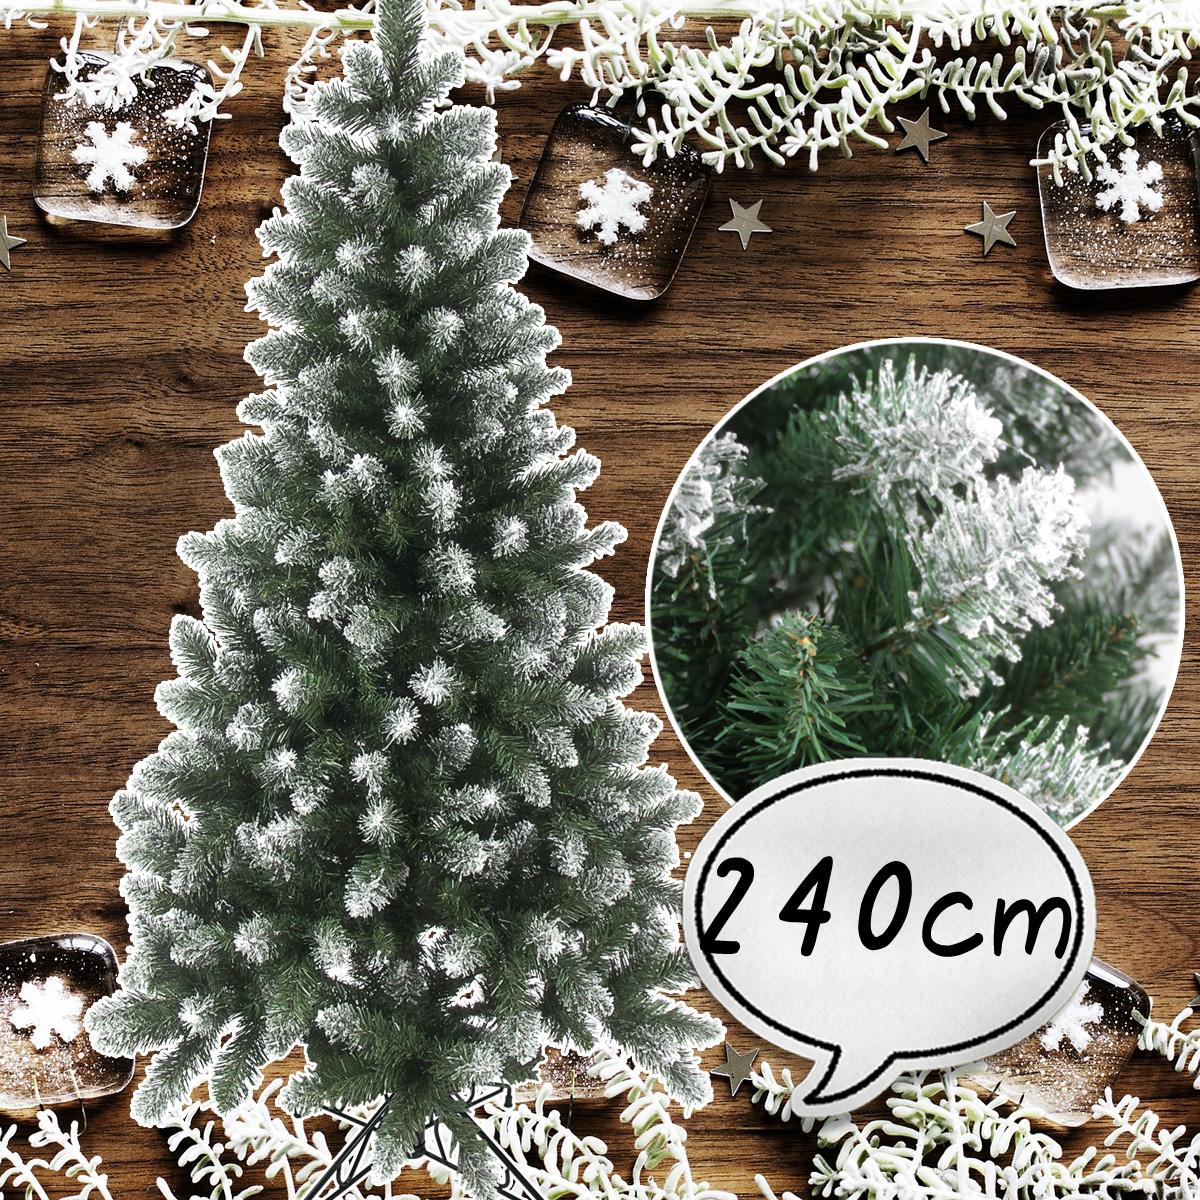 クリスマスツリー 240cm 雪付き ポイントスノーツリー グリーン ツリーの木 [ ヌードツリー ] 北欧 おしゃれ 【10月中旬入荷予定】